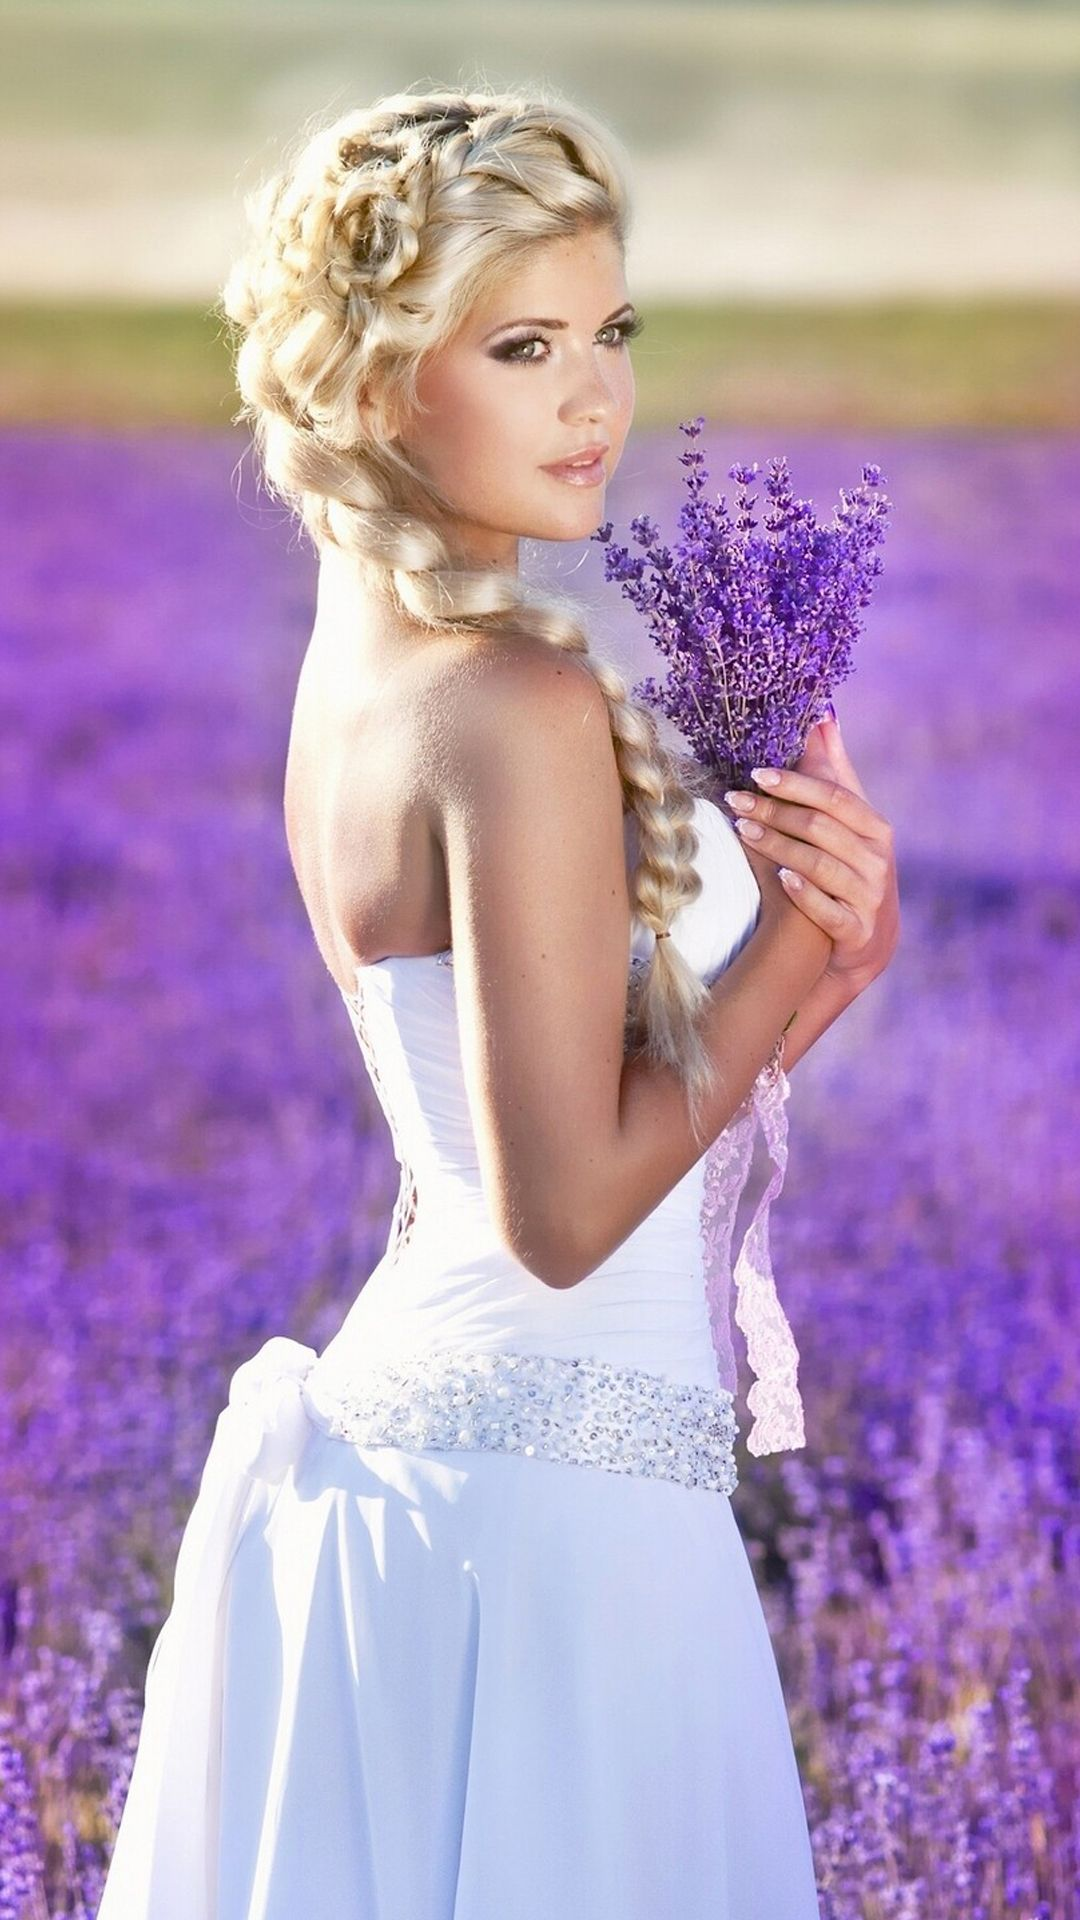 e44ebb42929 Beautiful Girl on Lavender Field - http   helpyourselfimages.com portfolio